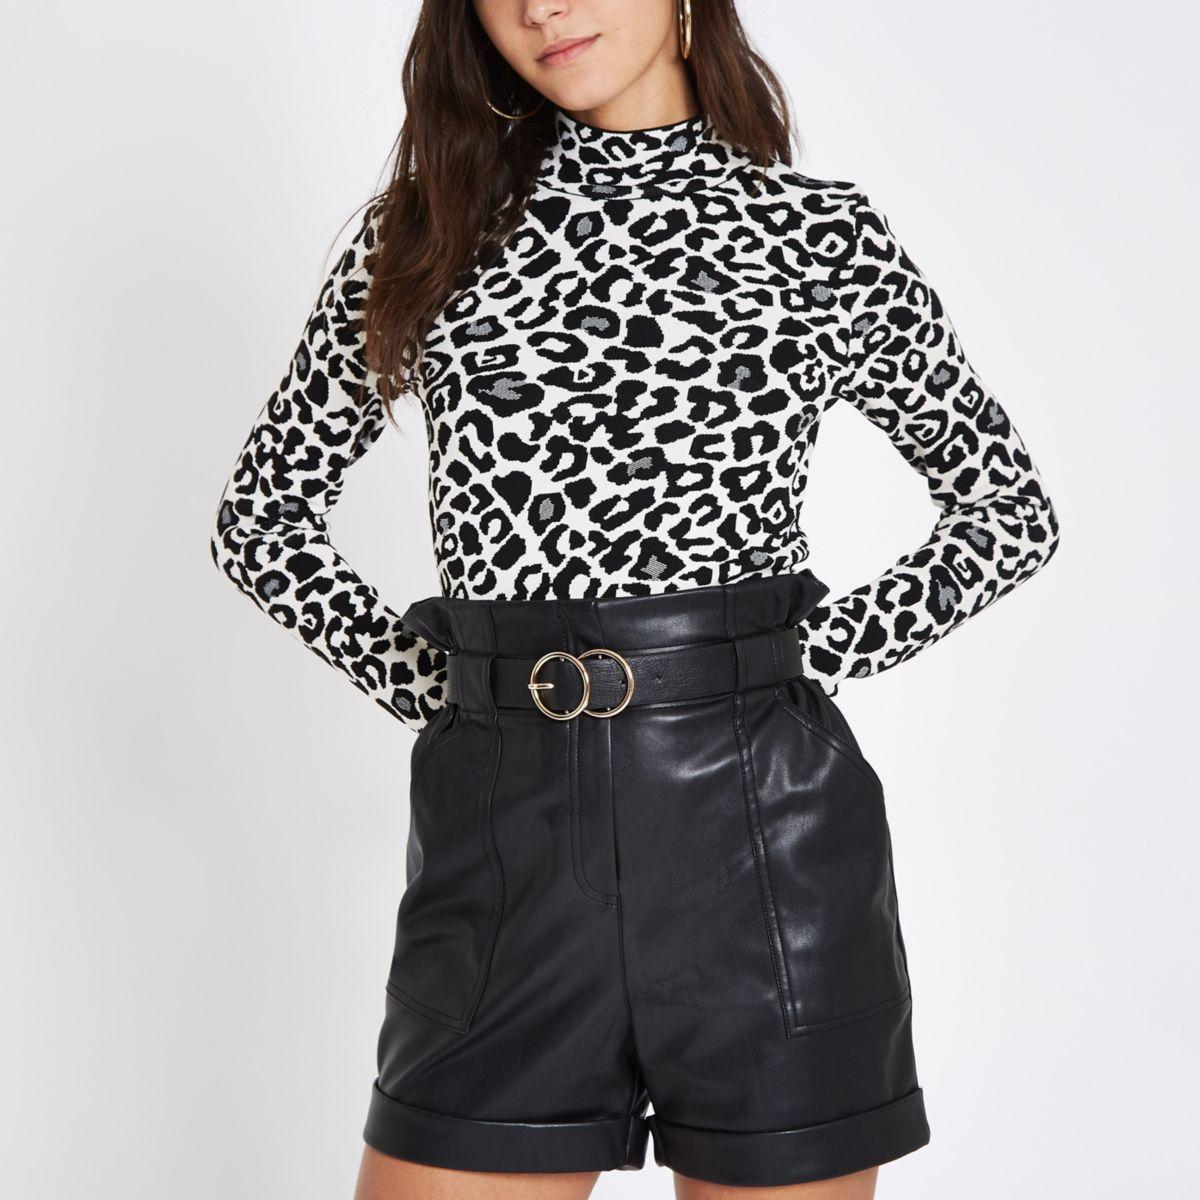 Grey leopard print turtleneck top